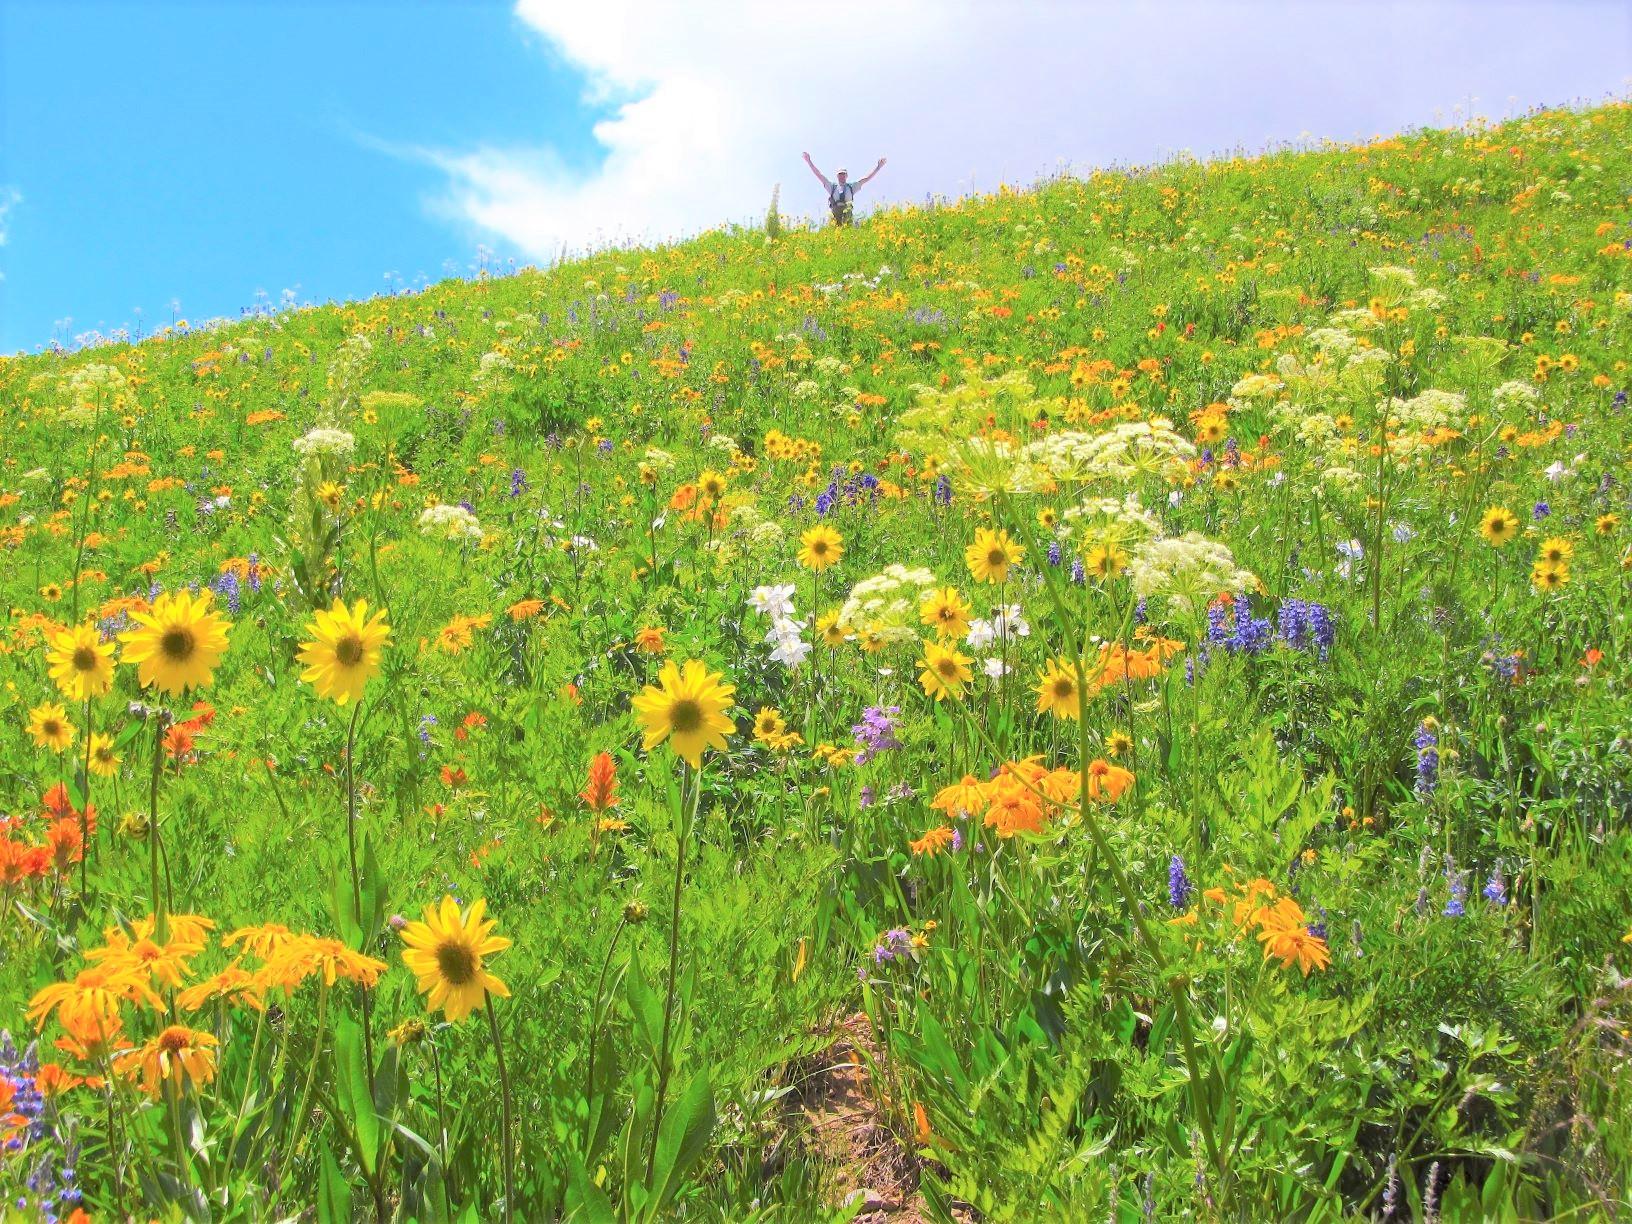 足の踏み場もないほどのワイルドフラワーが咲いたクレステッドビュートのトレイル